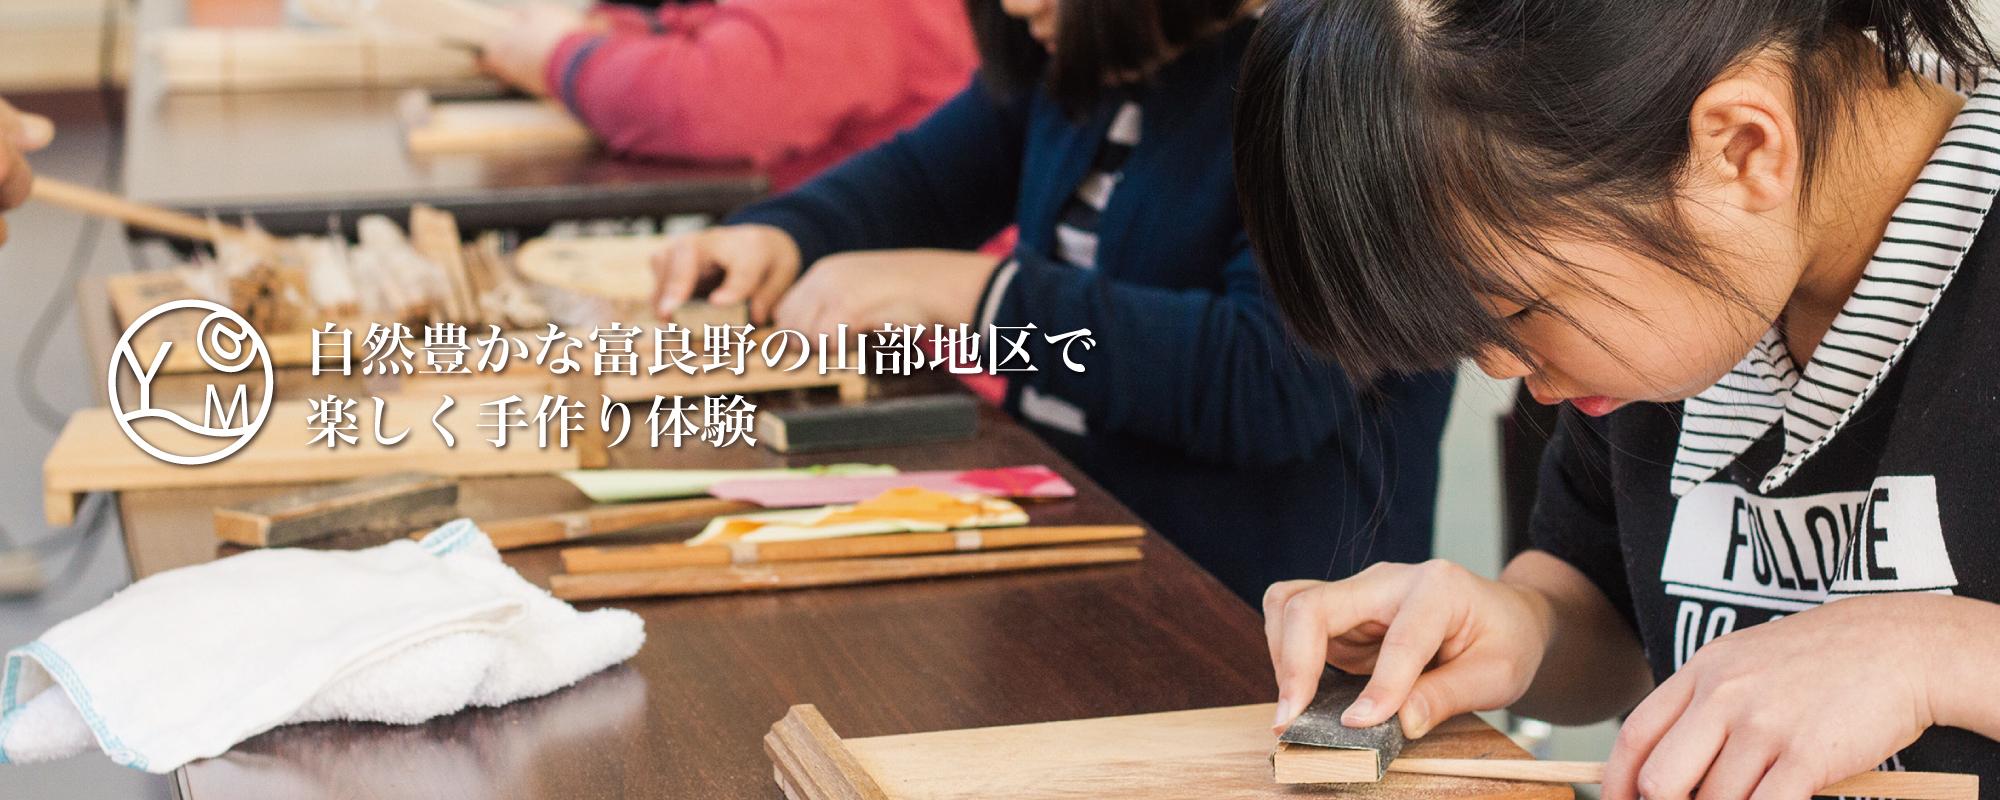 山部@まるごと体験村